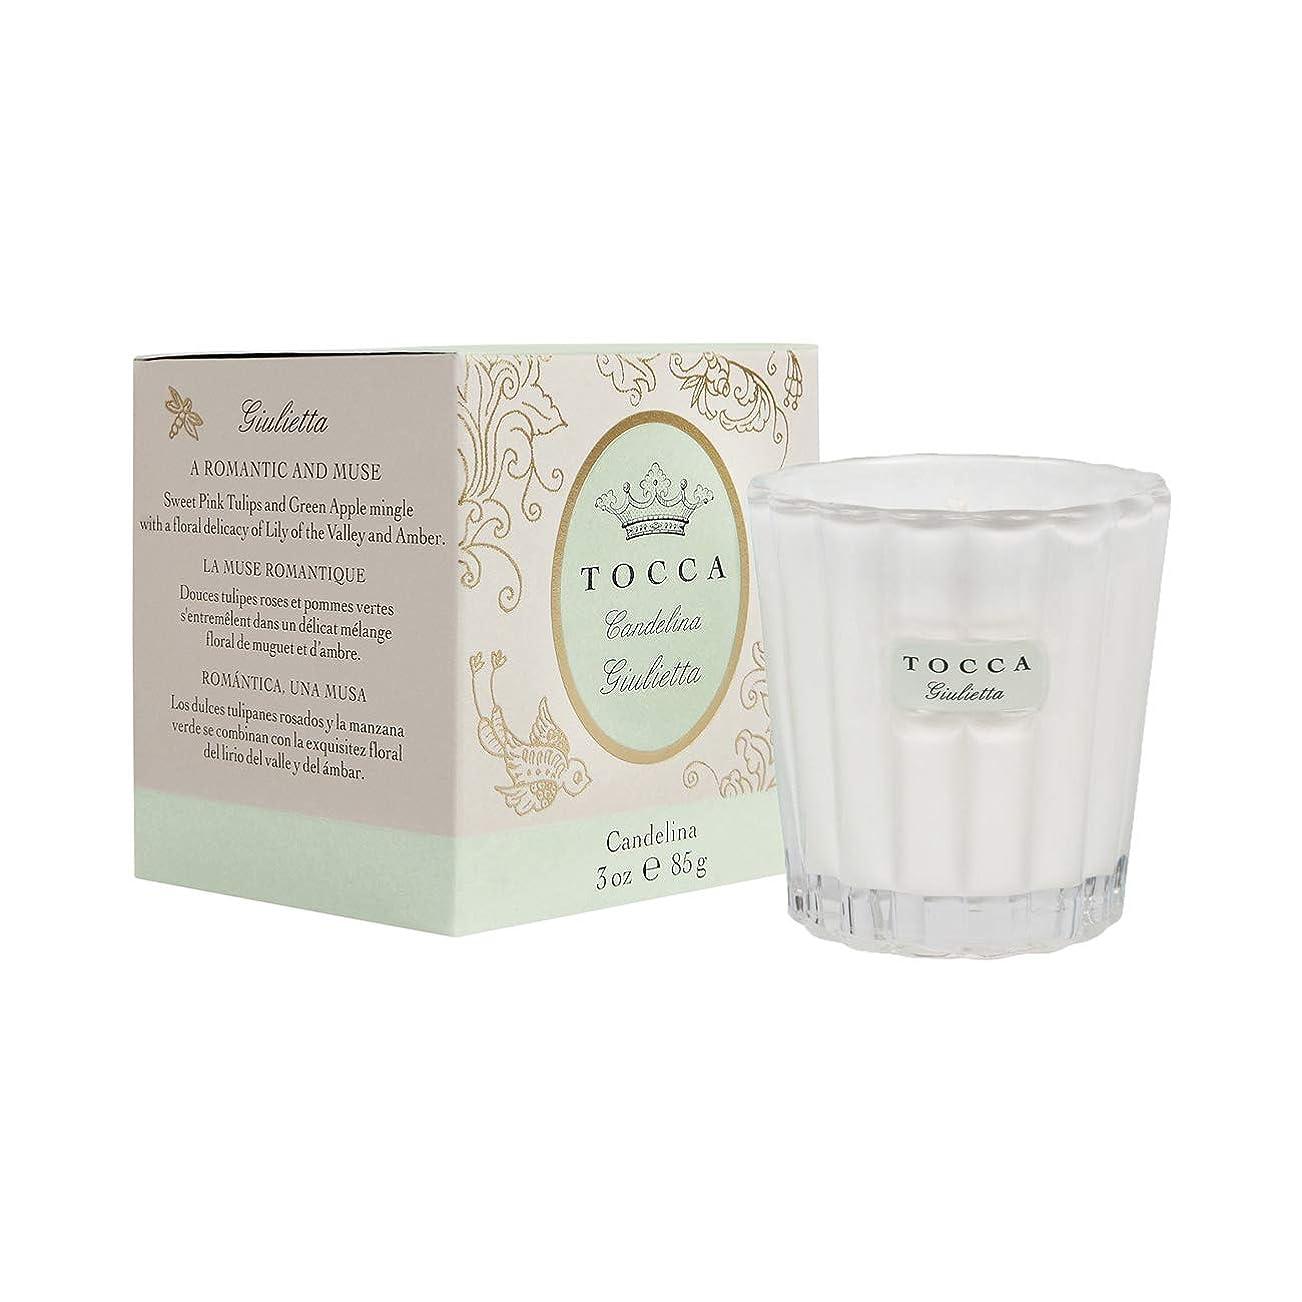 キャンパス付録トリプルトッカ(TOCCA) キャンデリーナ ジュリエッタの香り 約85g (キャンドル ろうそく 爽やかで甘い香り)